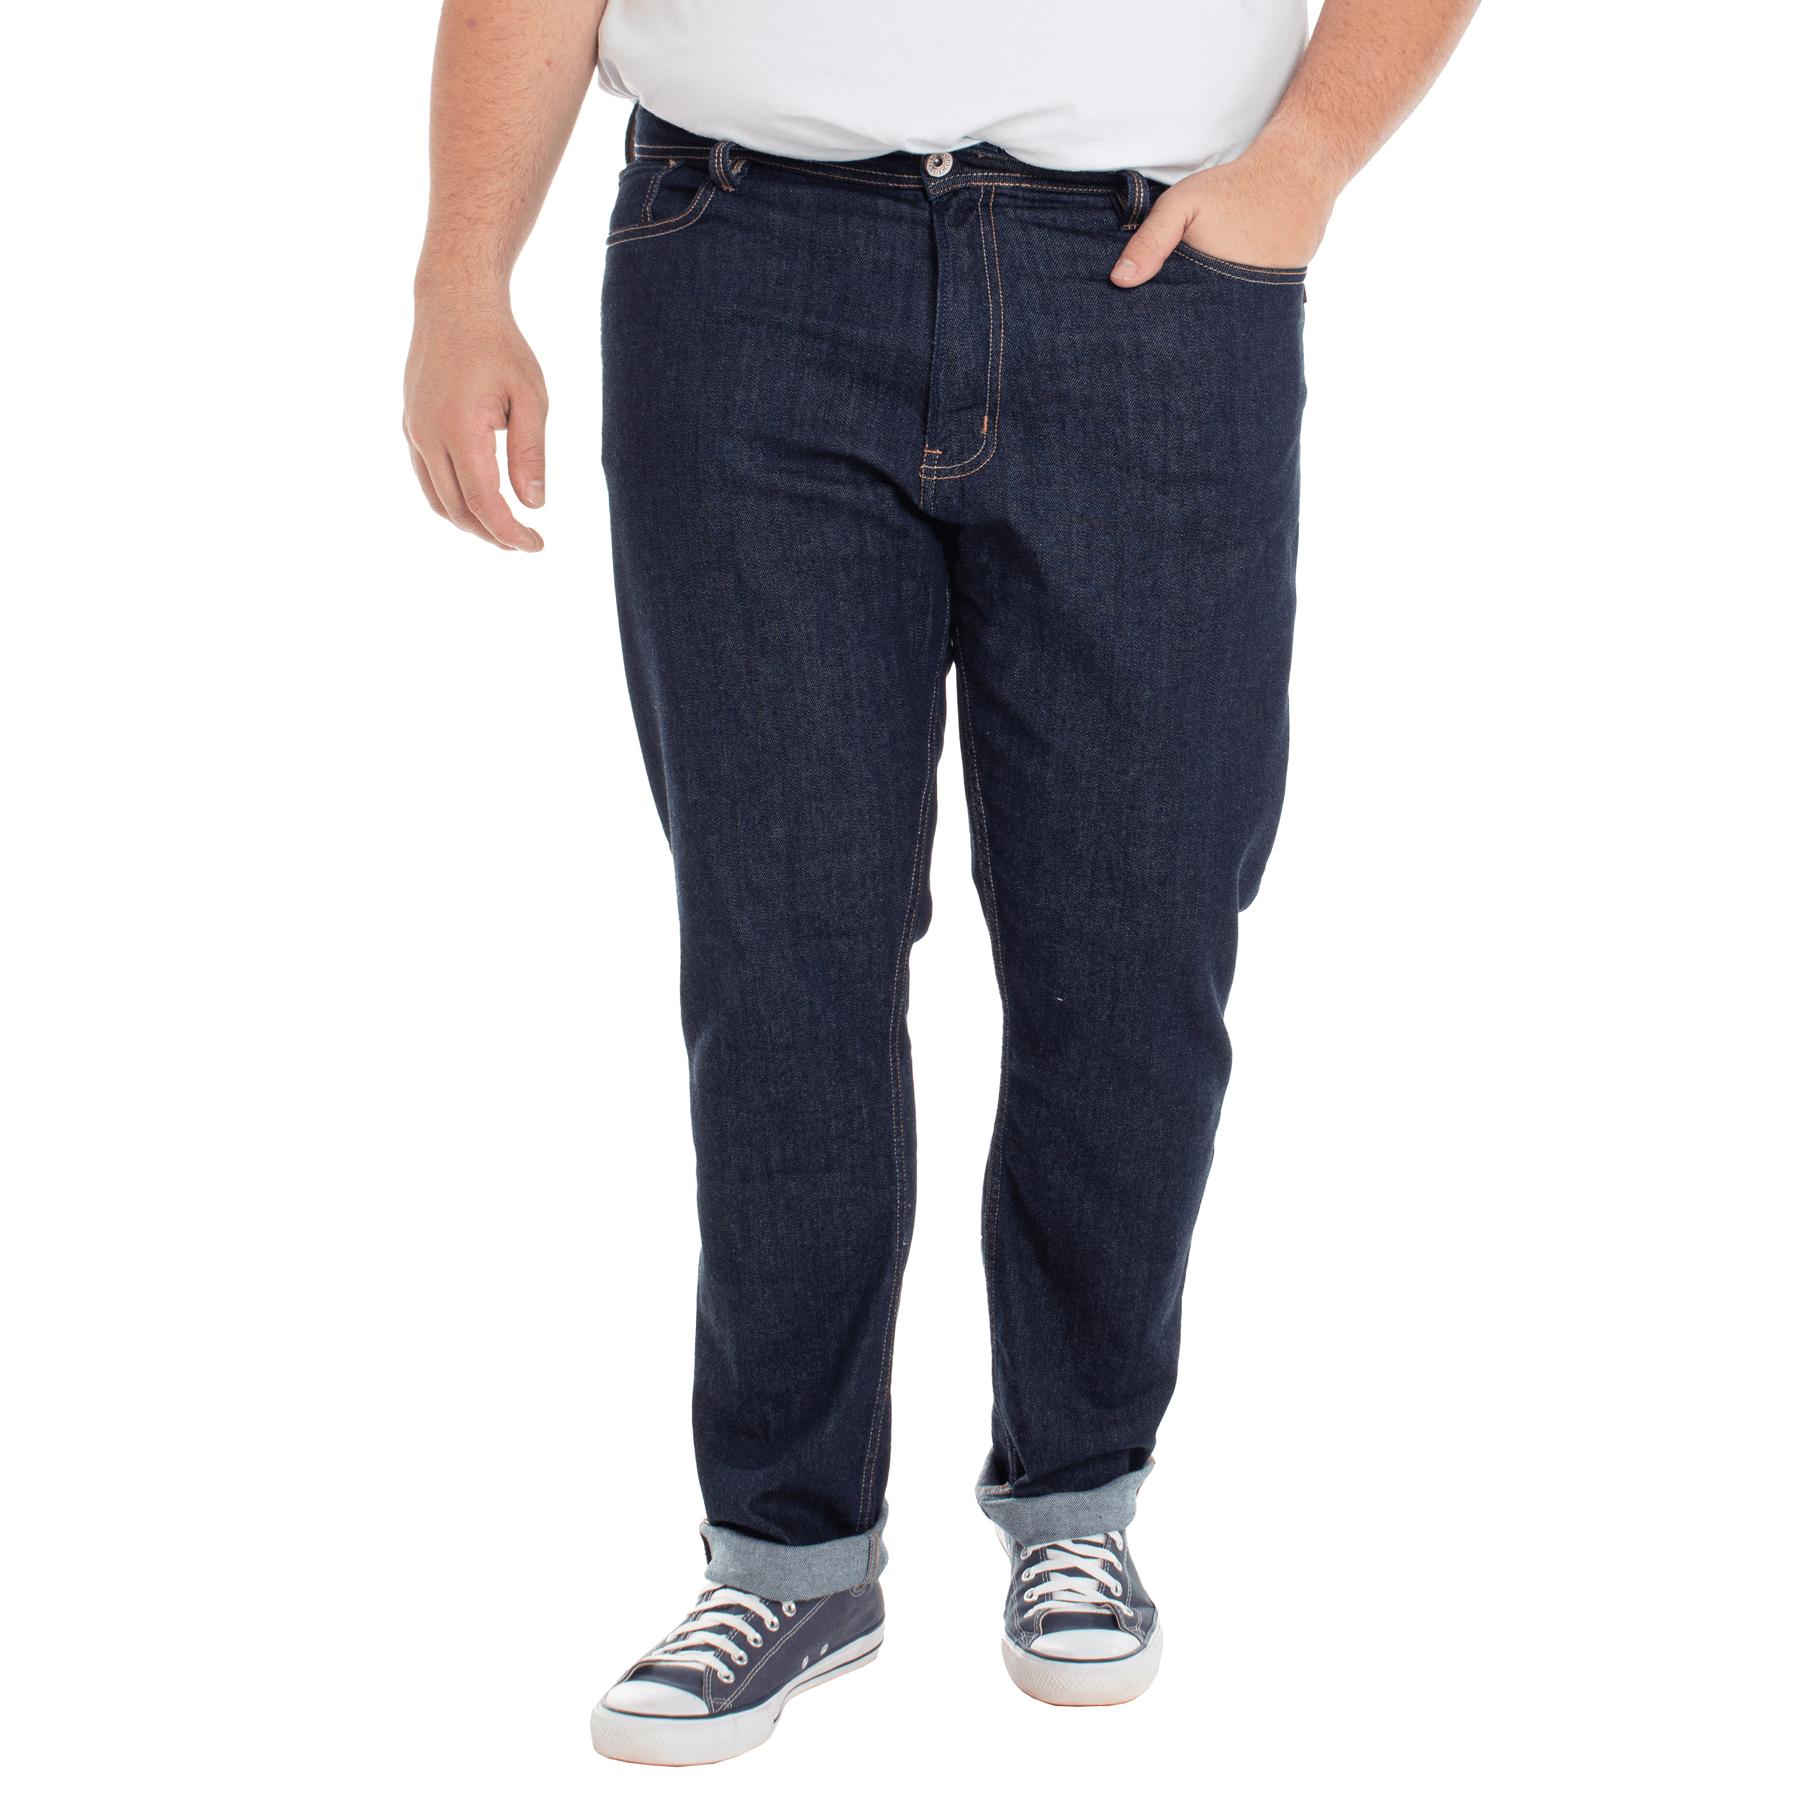 Calca-Jeans-Plus-Size-Masculina-Convicto-Regular-Bordada